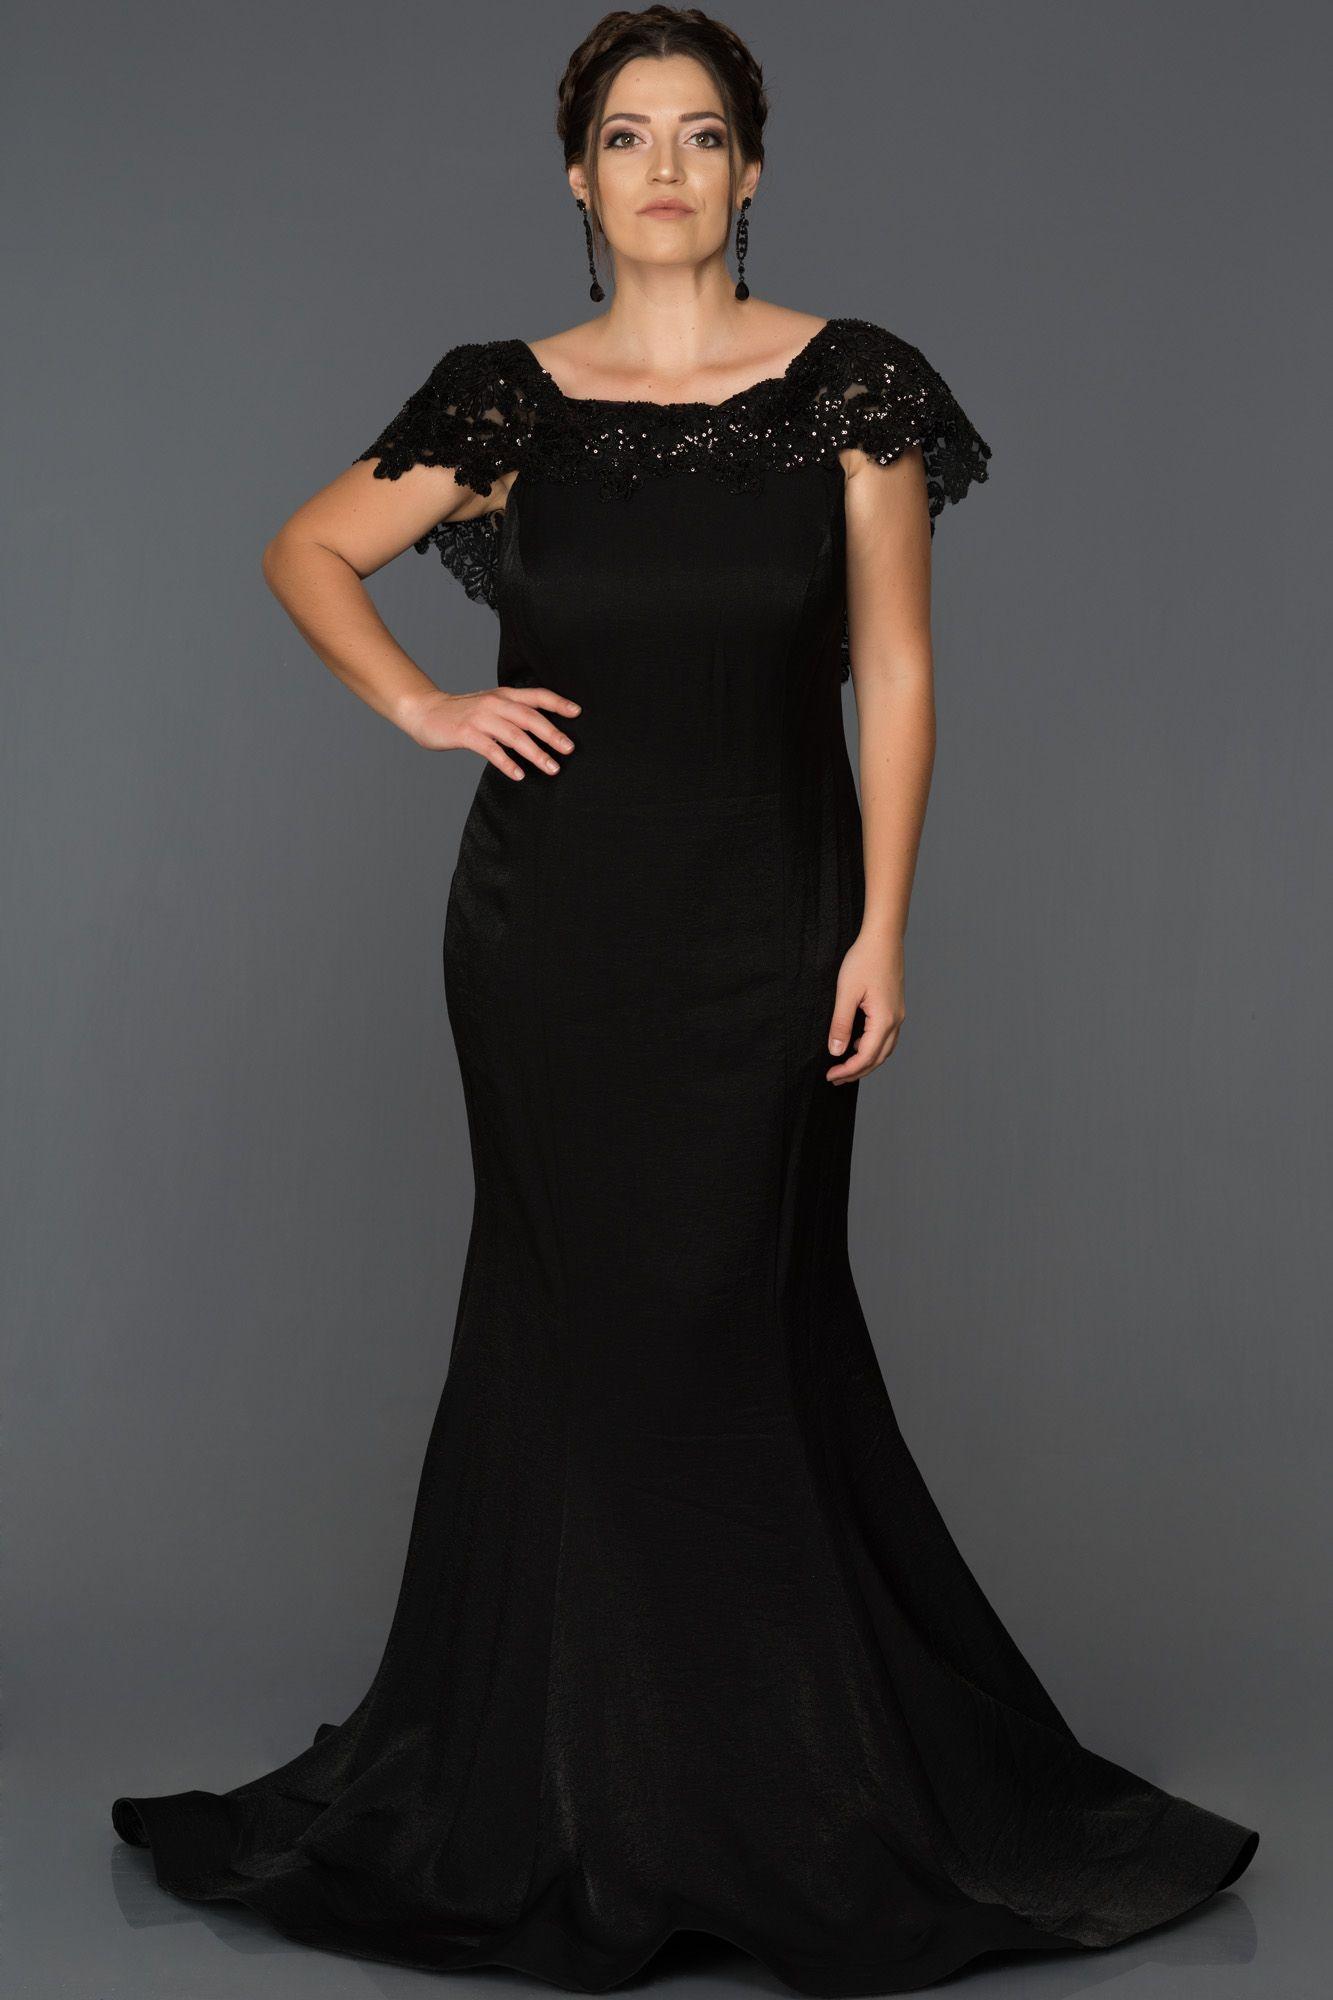 Siyah Dekoltesiz Buyuk Beden Balik Abiye Abu294 The Dress Resmi Elbise Elbise